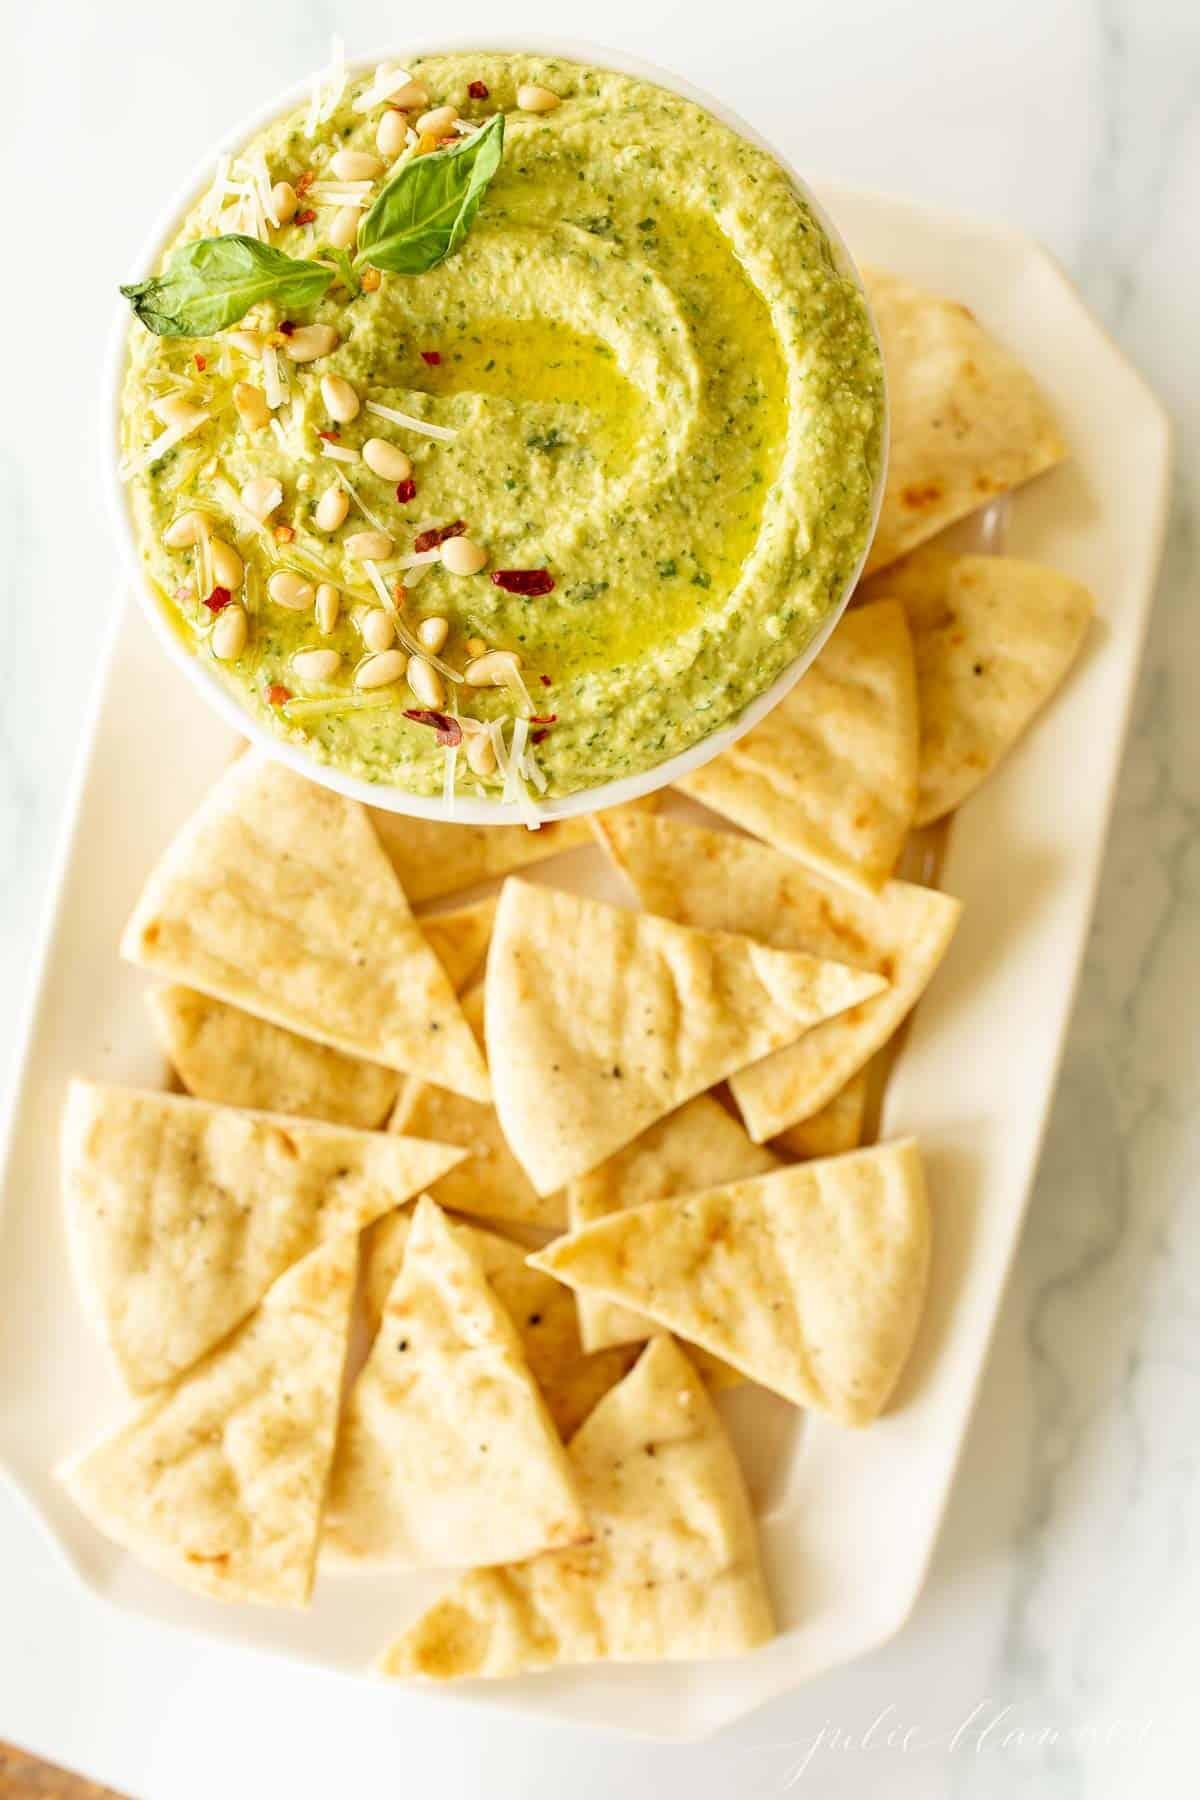 Un piatto di triangoli di pita con una ciotola di hummus al basilico.